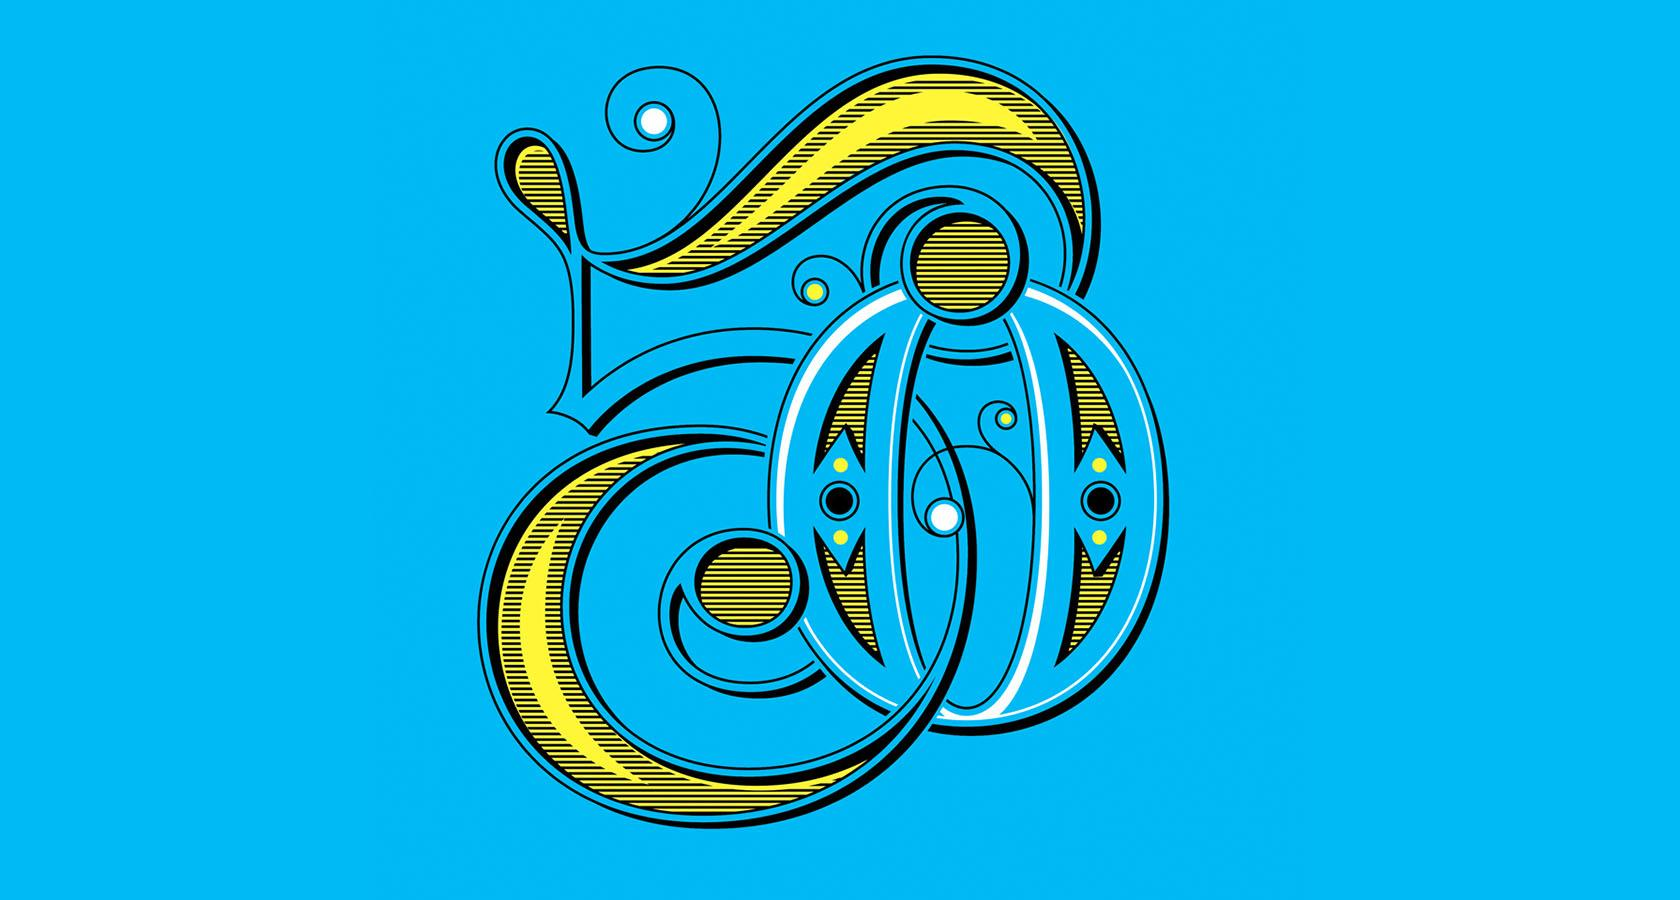 jessica hische - lettering en vectores